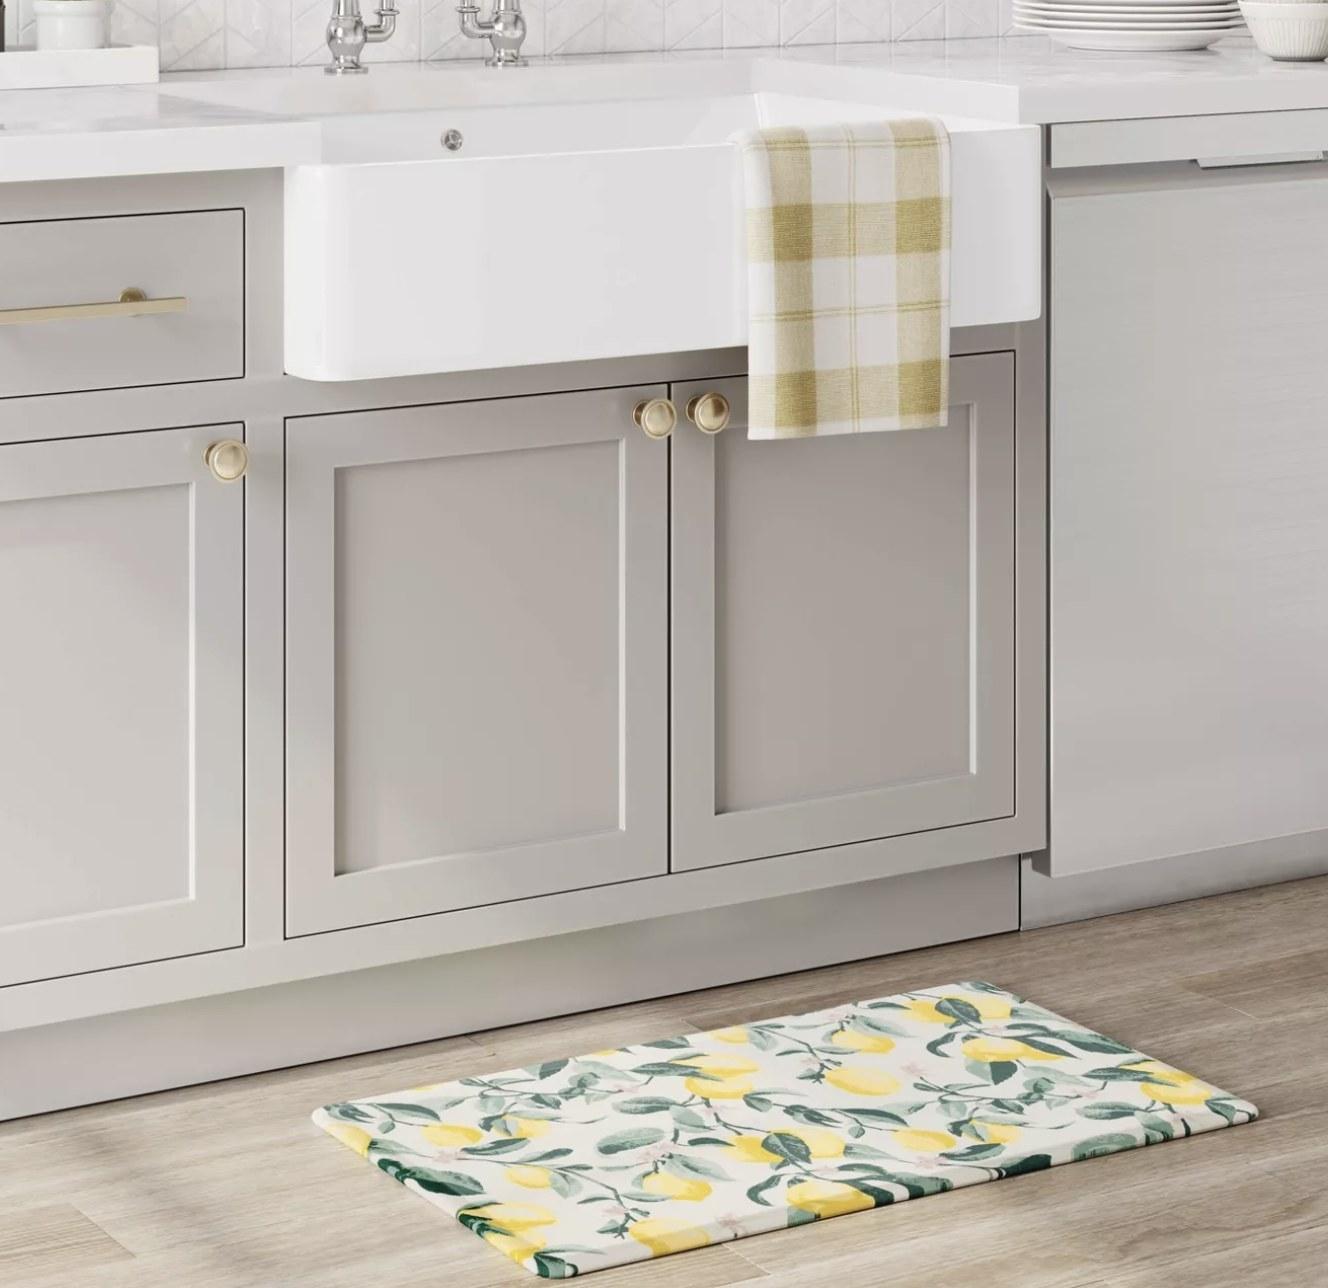 a lemon print bath mat under a sink